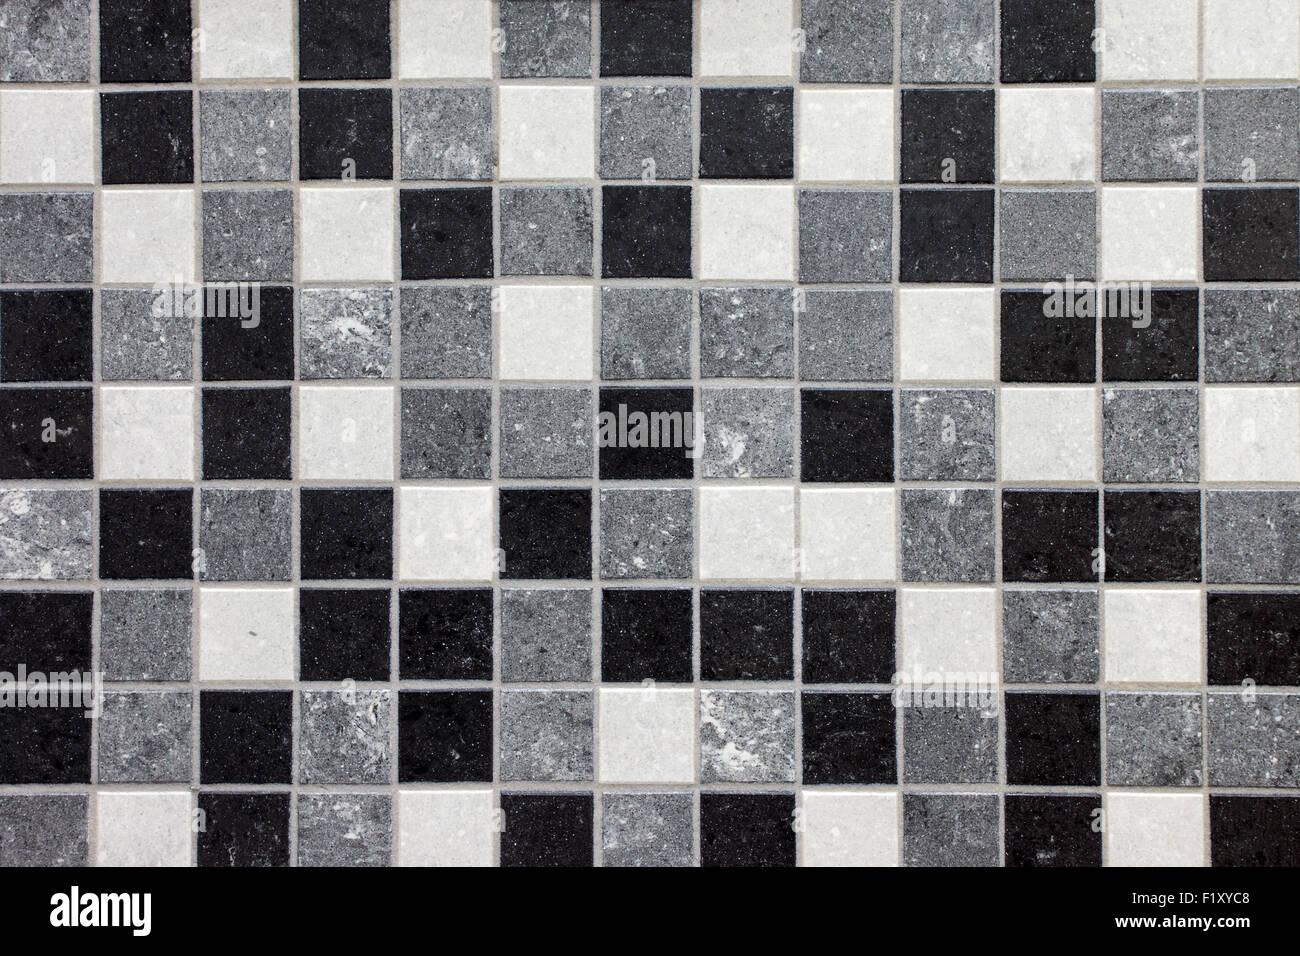 Schwarz Weiss Und Grau Mosaik Fliesen In Einem Badezimmer Stockfoto